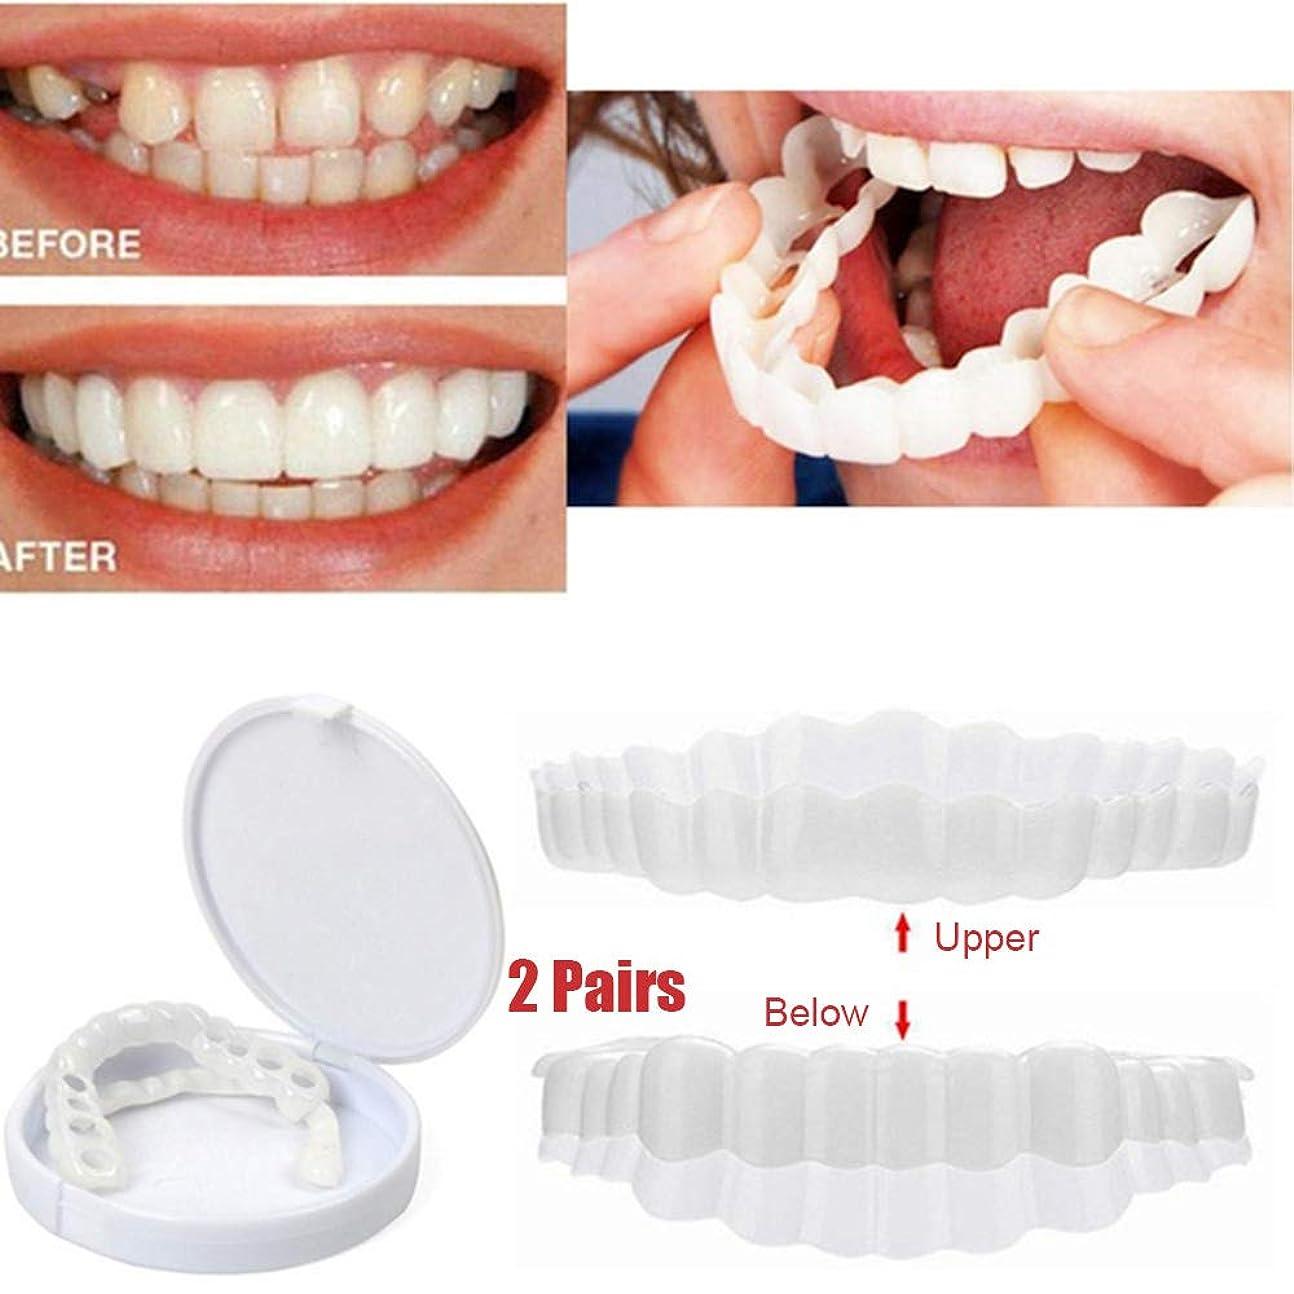 成熟した比較的かんがい白くなるベニヤ歯美容メイクアップ歯快適で柔軟な歯のケアケア自信を持って笑顔黄色い歯悪い歯ホワイトニングオーラルケア(2ペア)